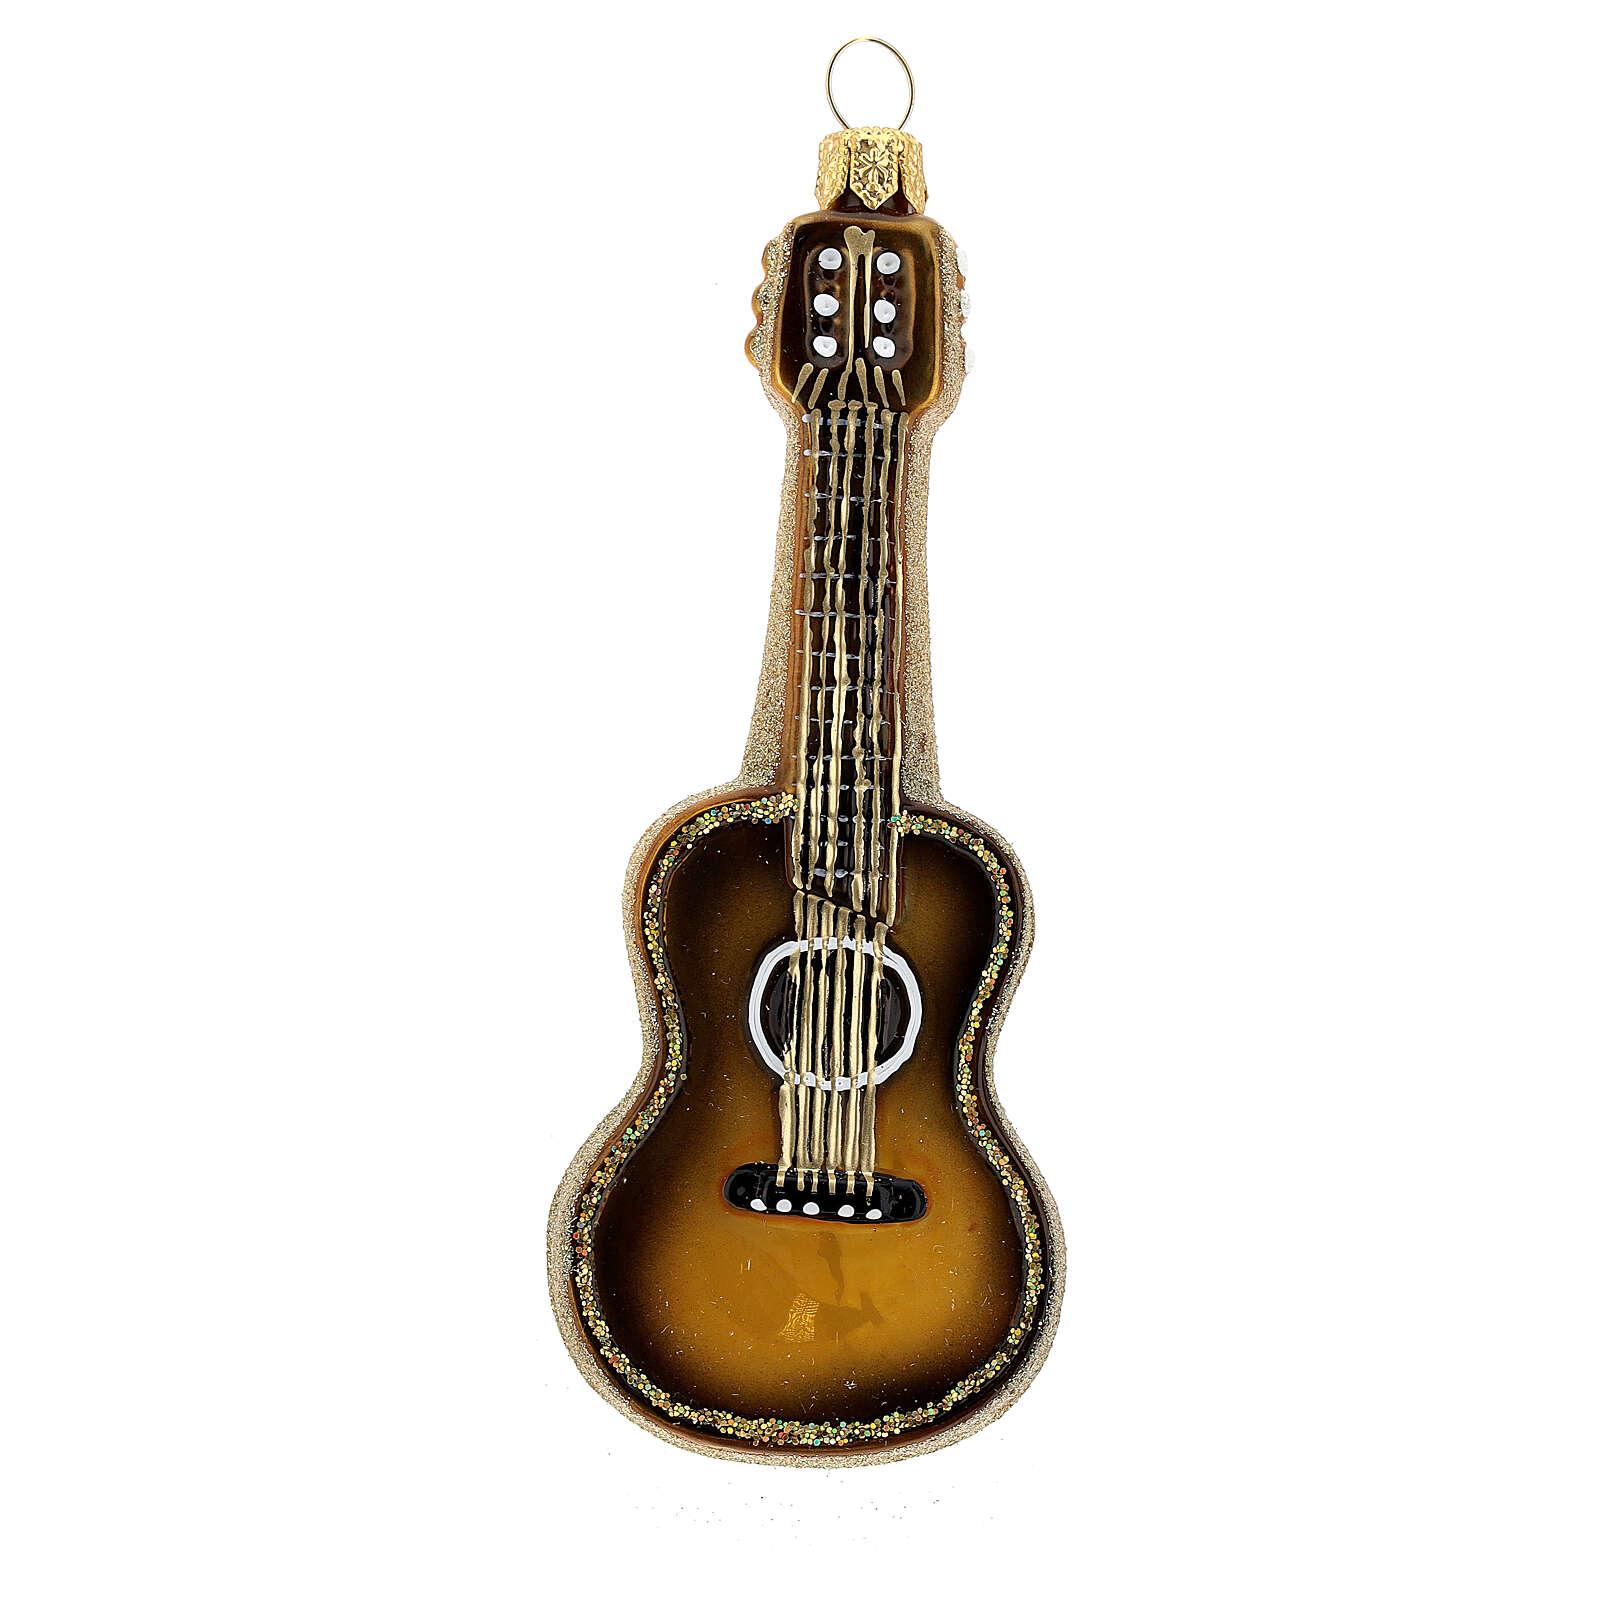 Guitare acoustique verre soufflé décoration sapin Noël 4